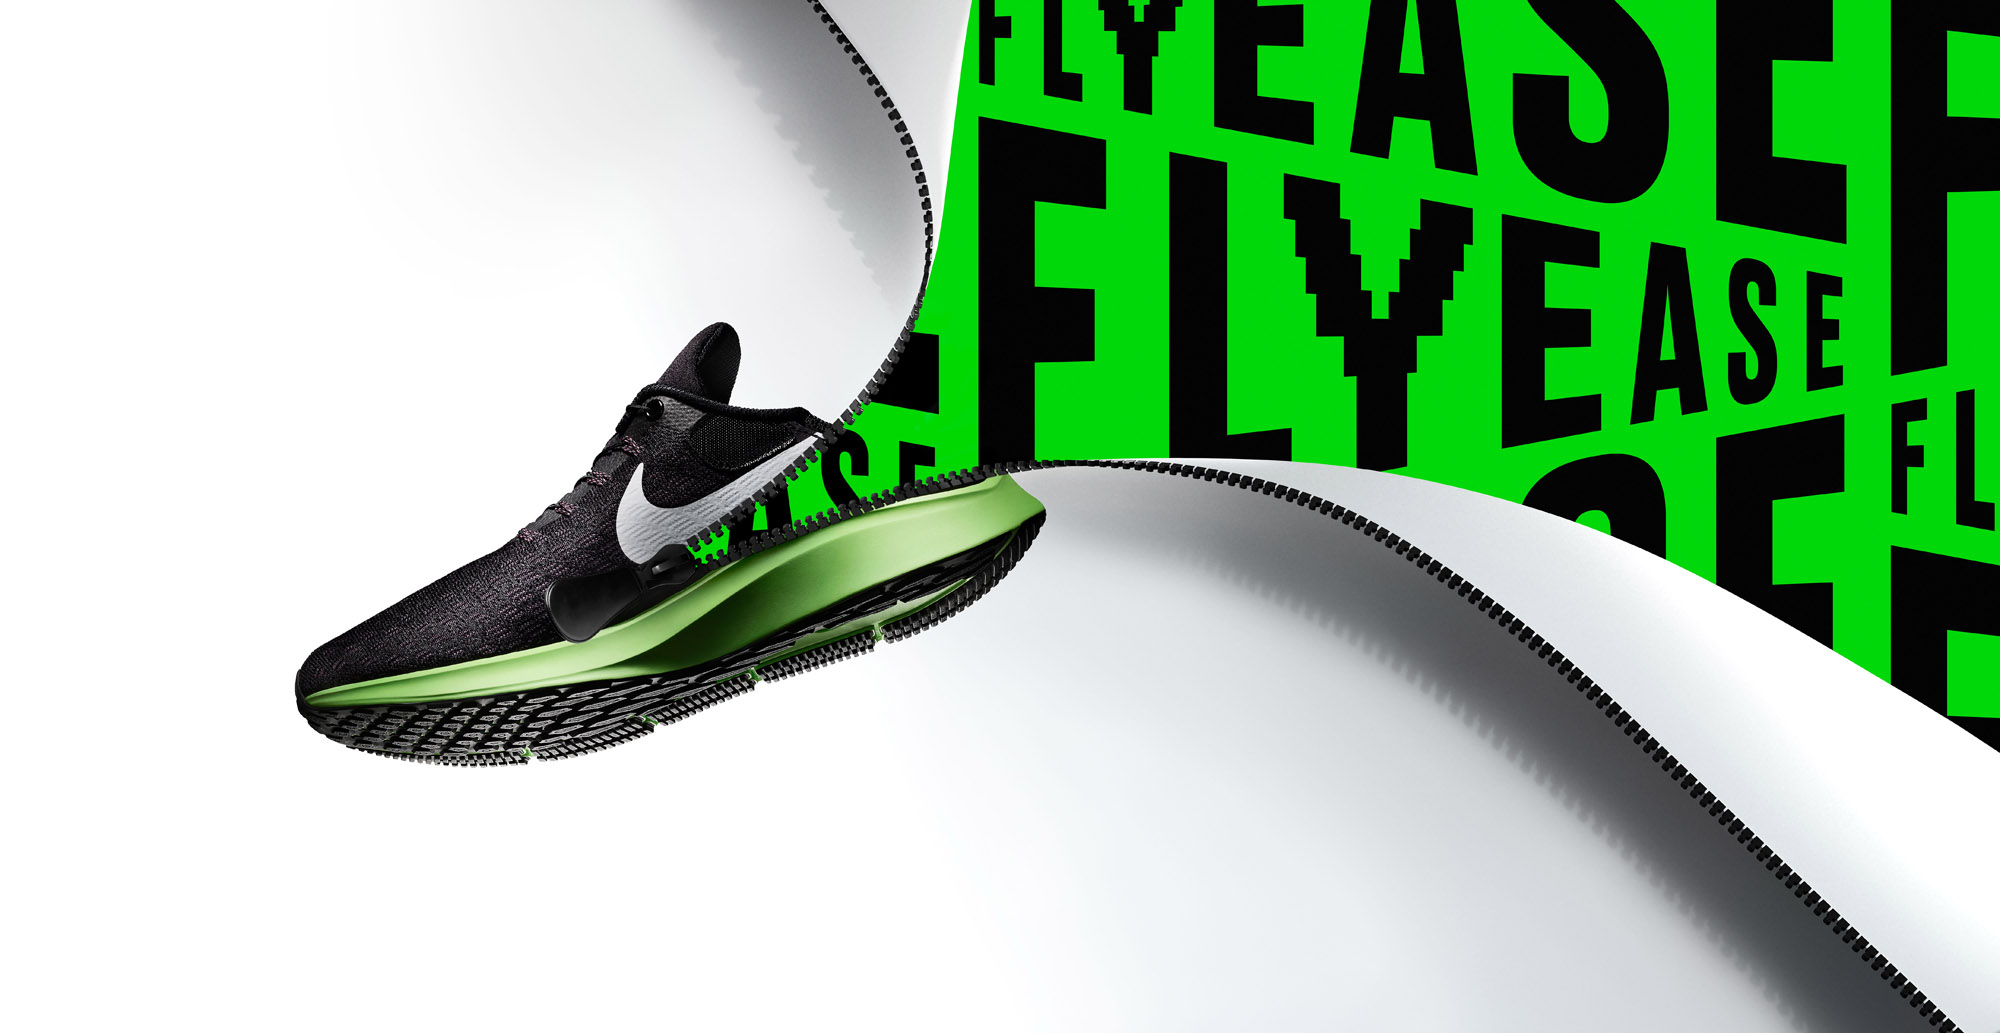 Nike Pegasus Fly Ease